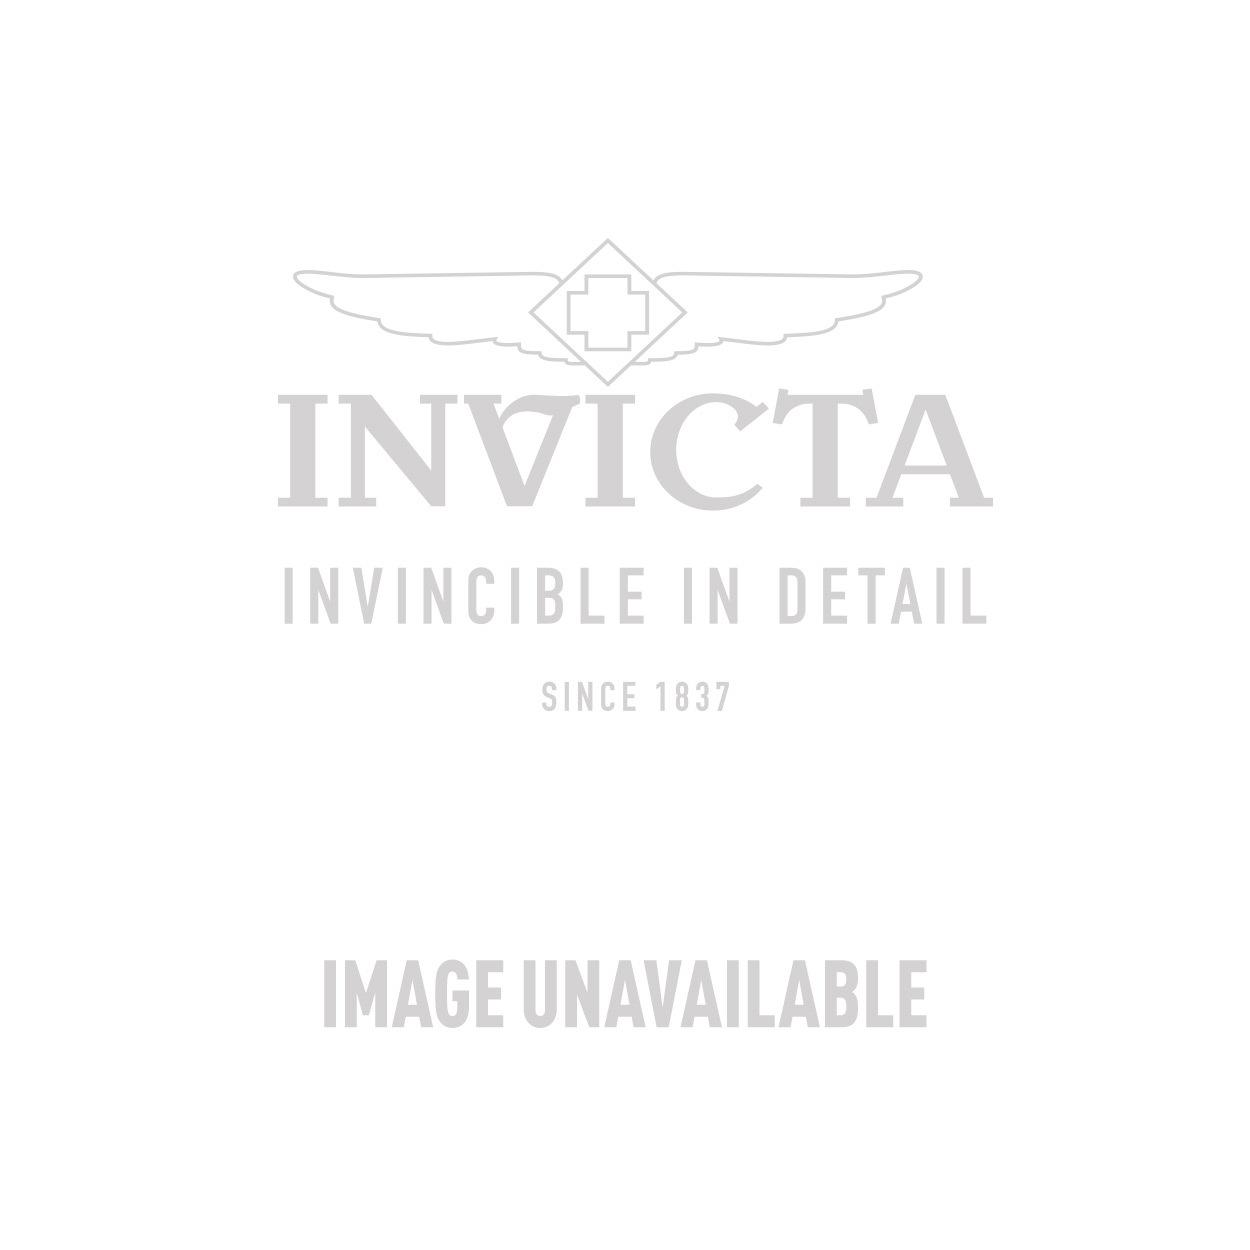 Invicta Model 29434